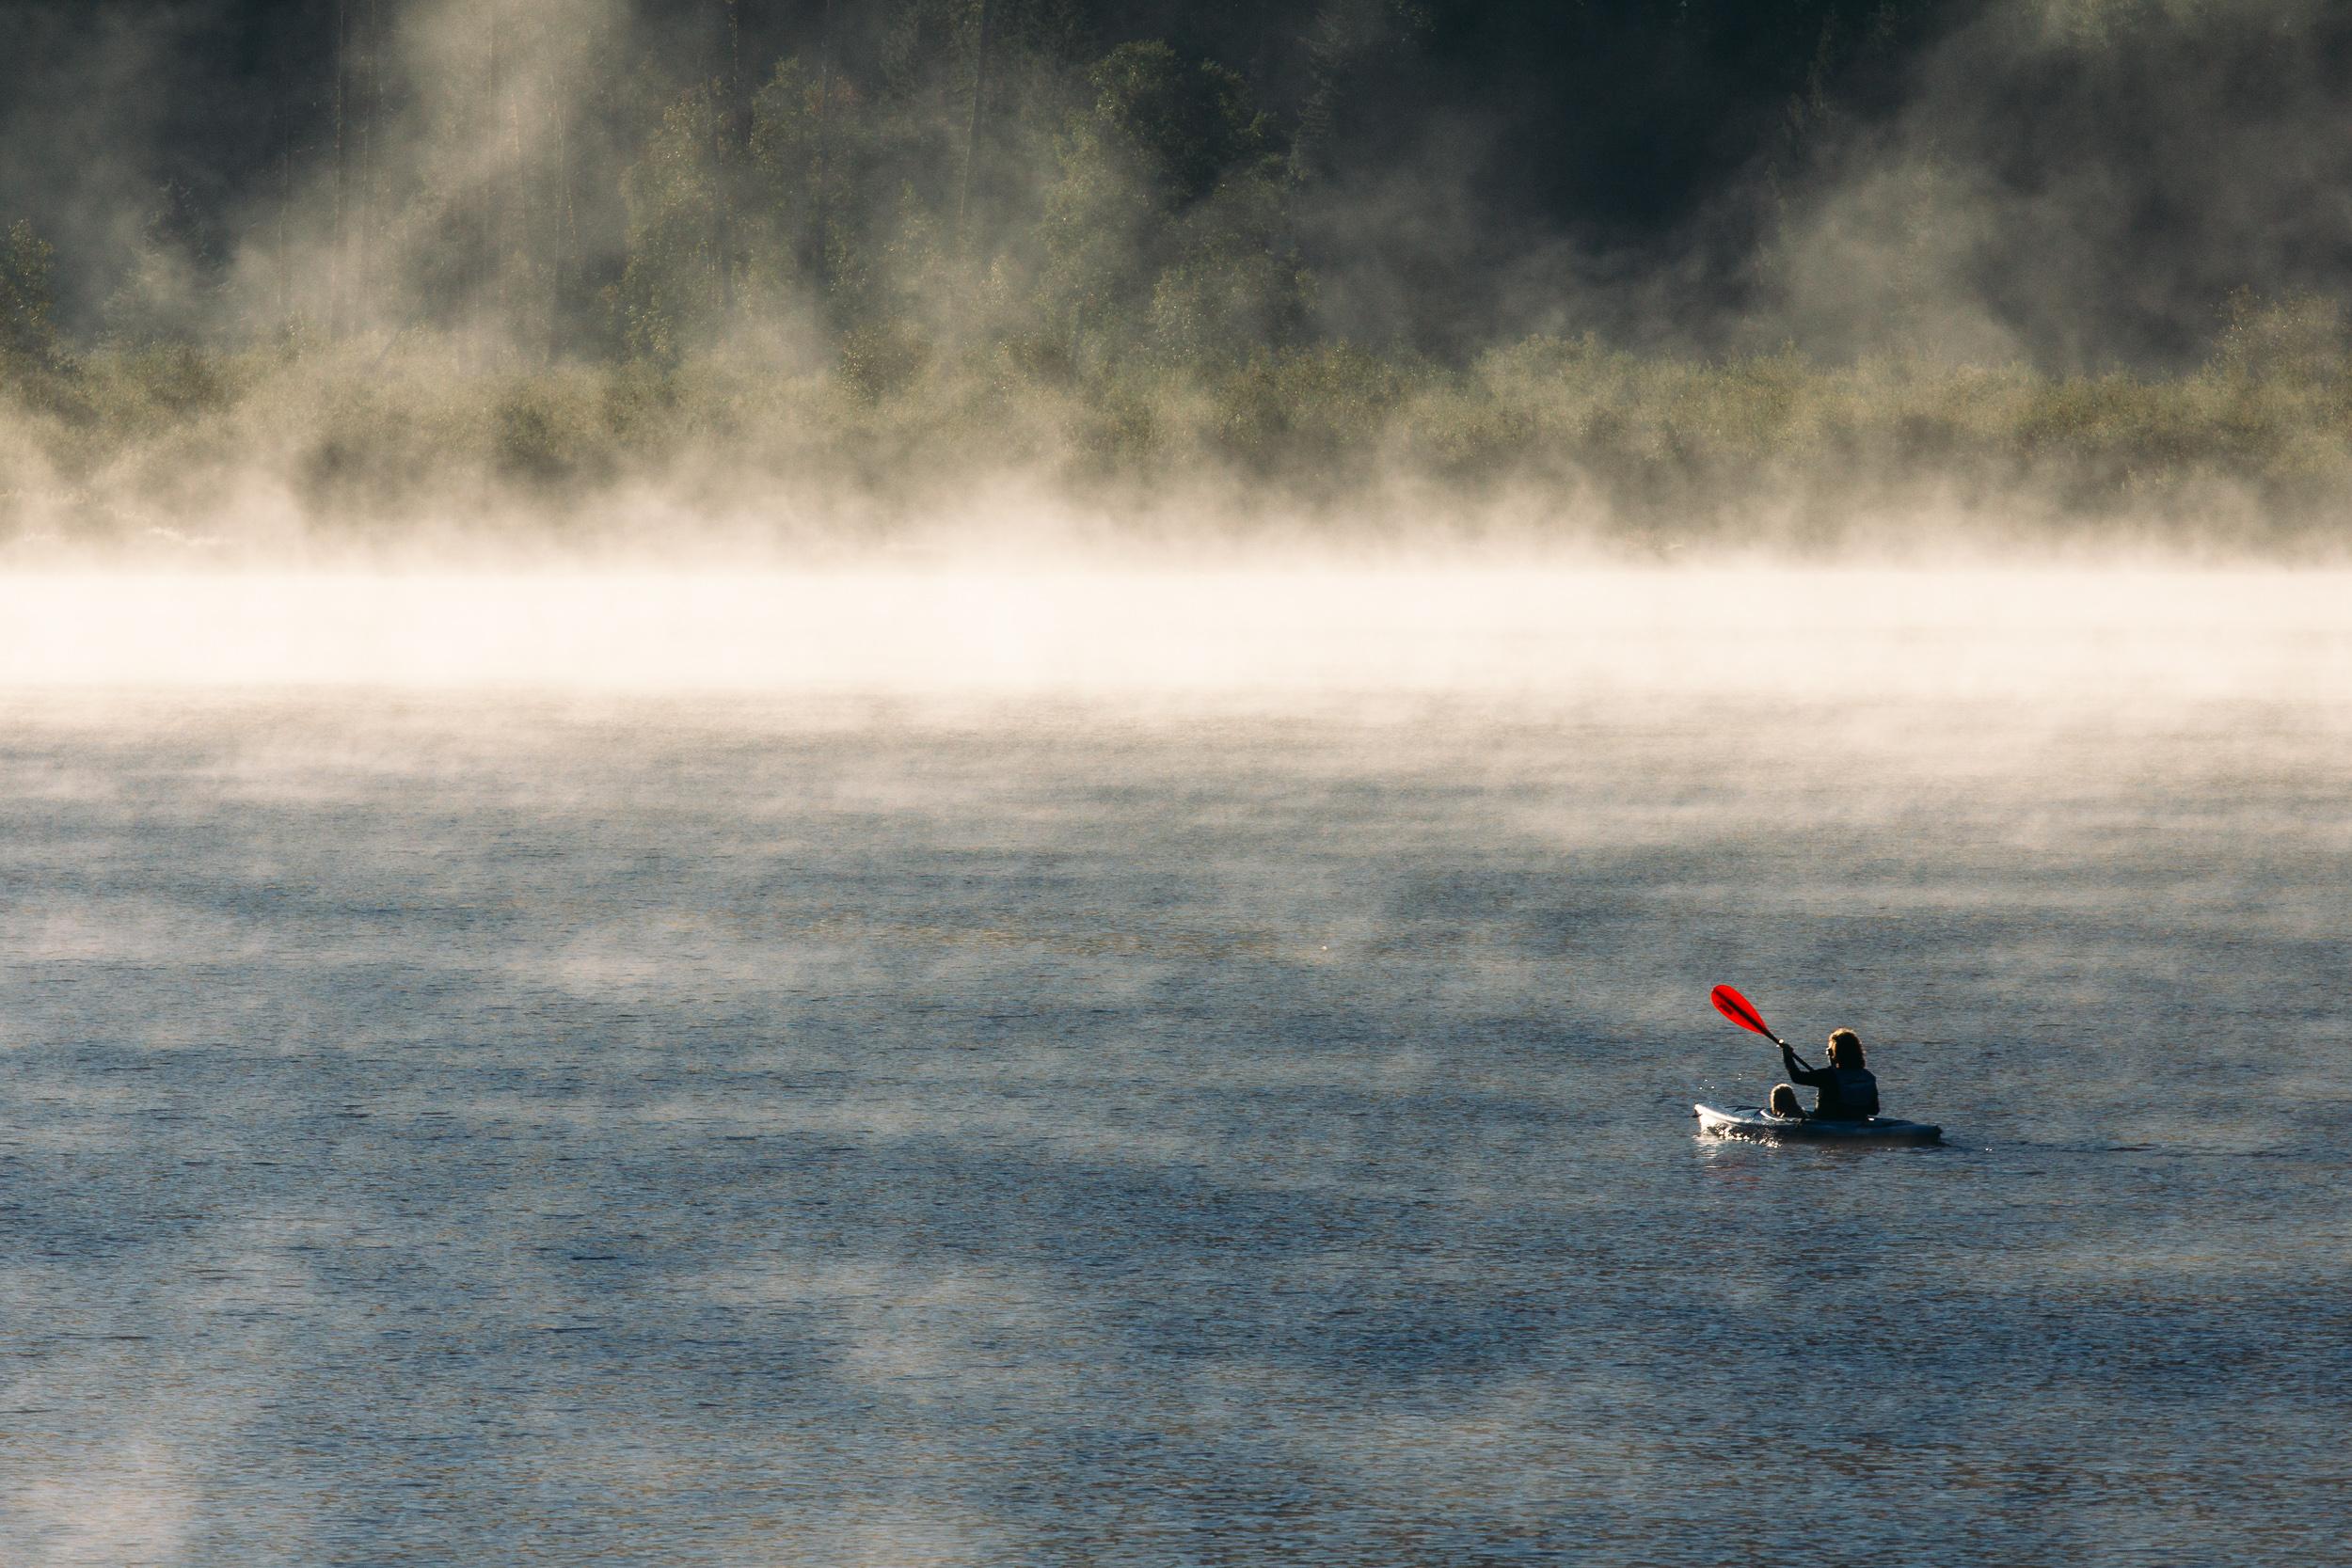 Rthompson_kayaker_nblake.jpg